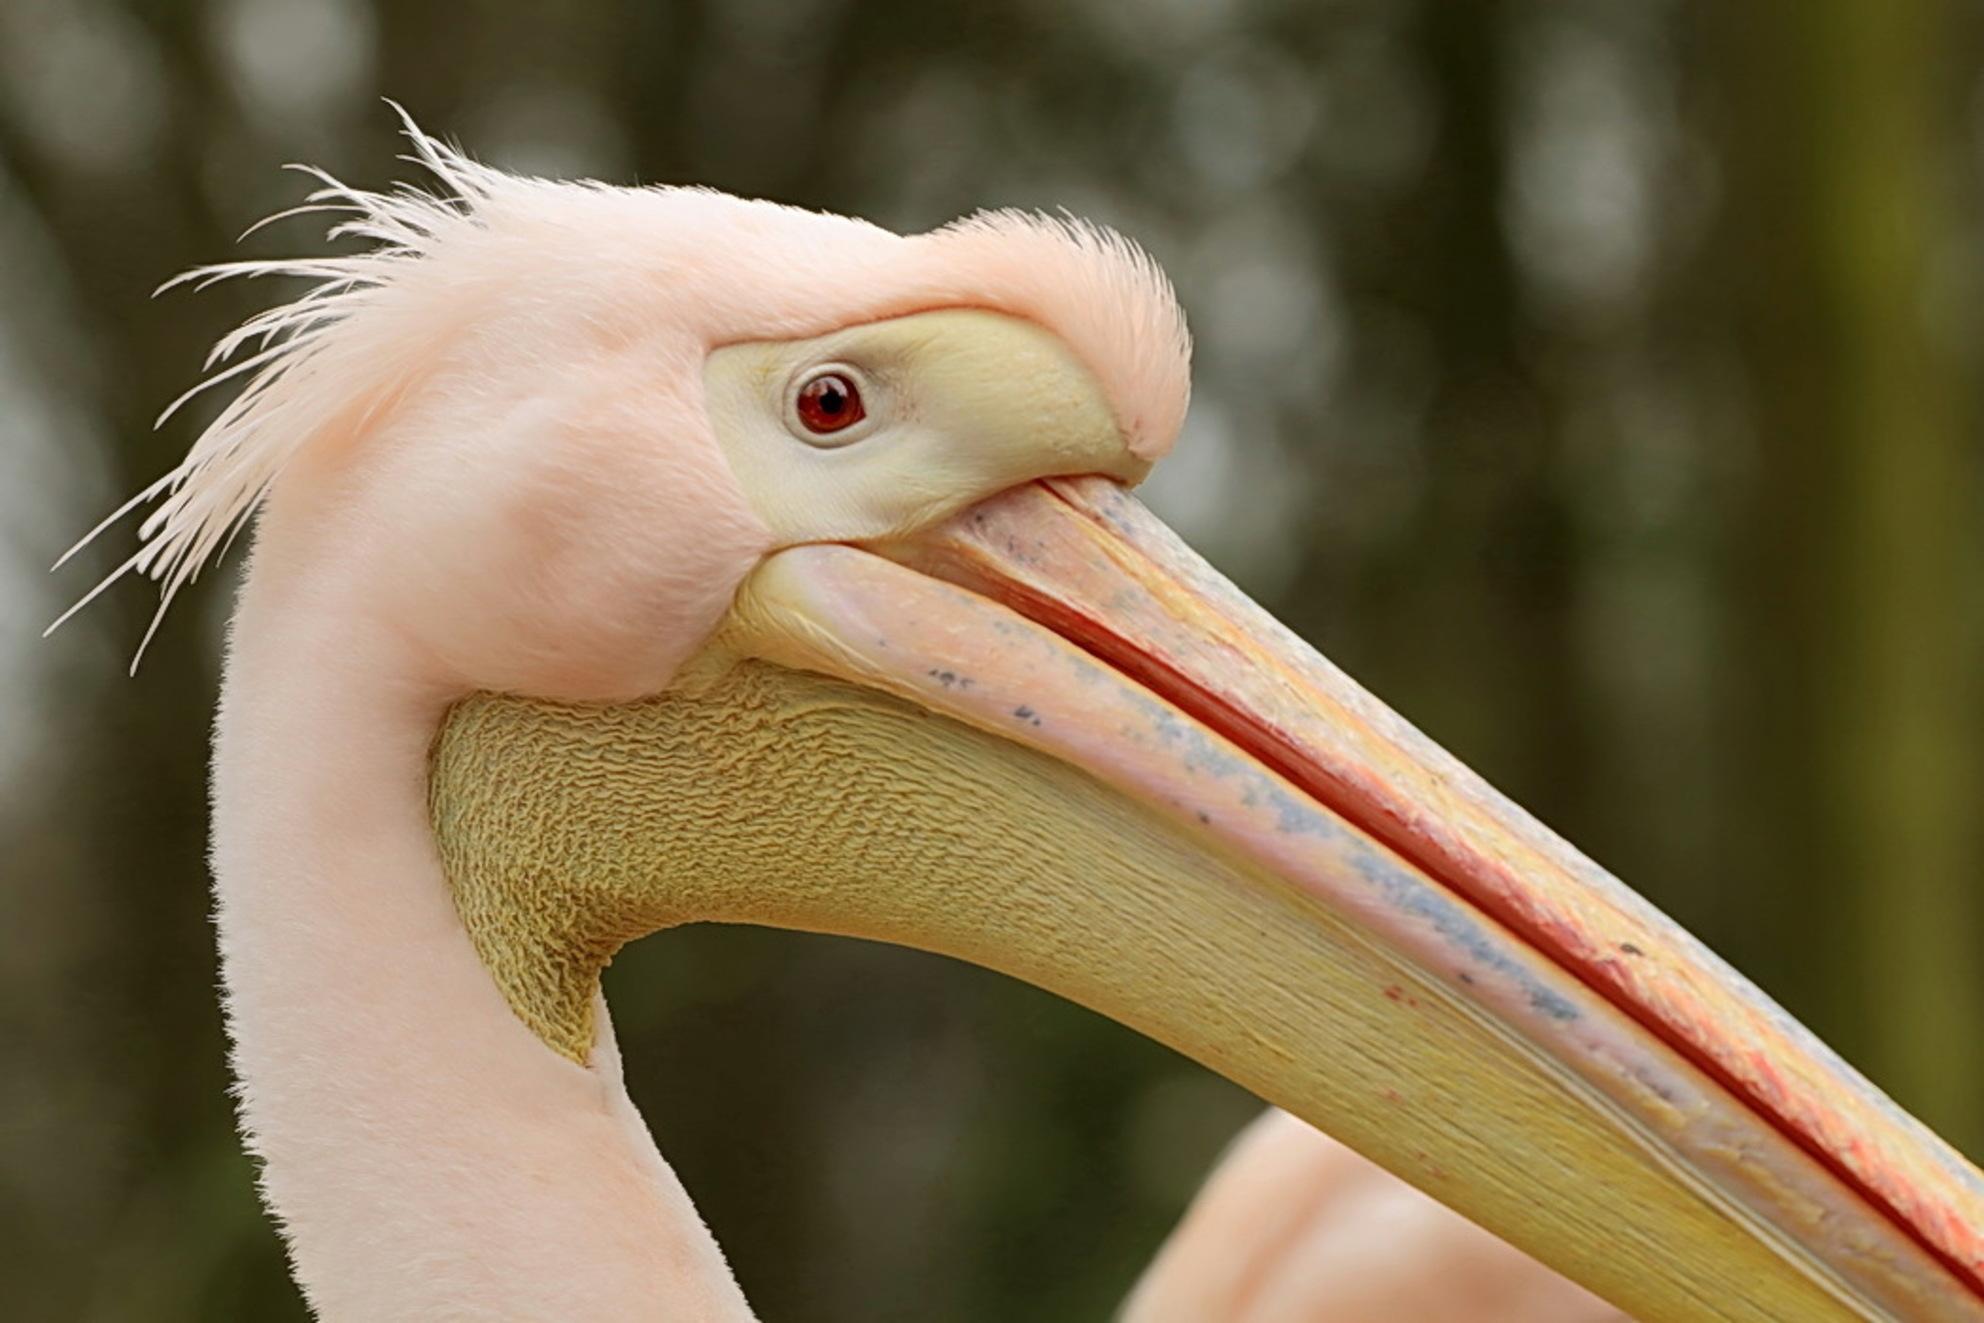 pelikaan - Ook van gisteren tijdens ons bezoek bij Ouwehands dierenpark.  Groet Roland - foto door ro op 12-04-2015 - deze foto bevat: dierentuin, dieren, pelikaan, Ouwehand Dierenpark - Deze foto mag gebruikt worden in een Zoom.nl publicatie